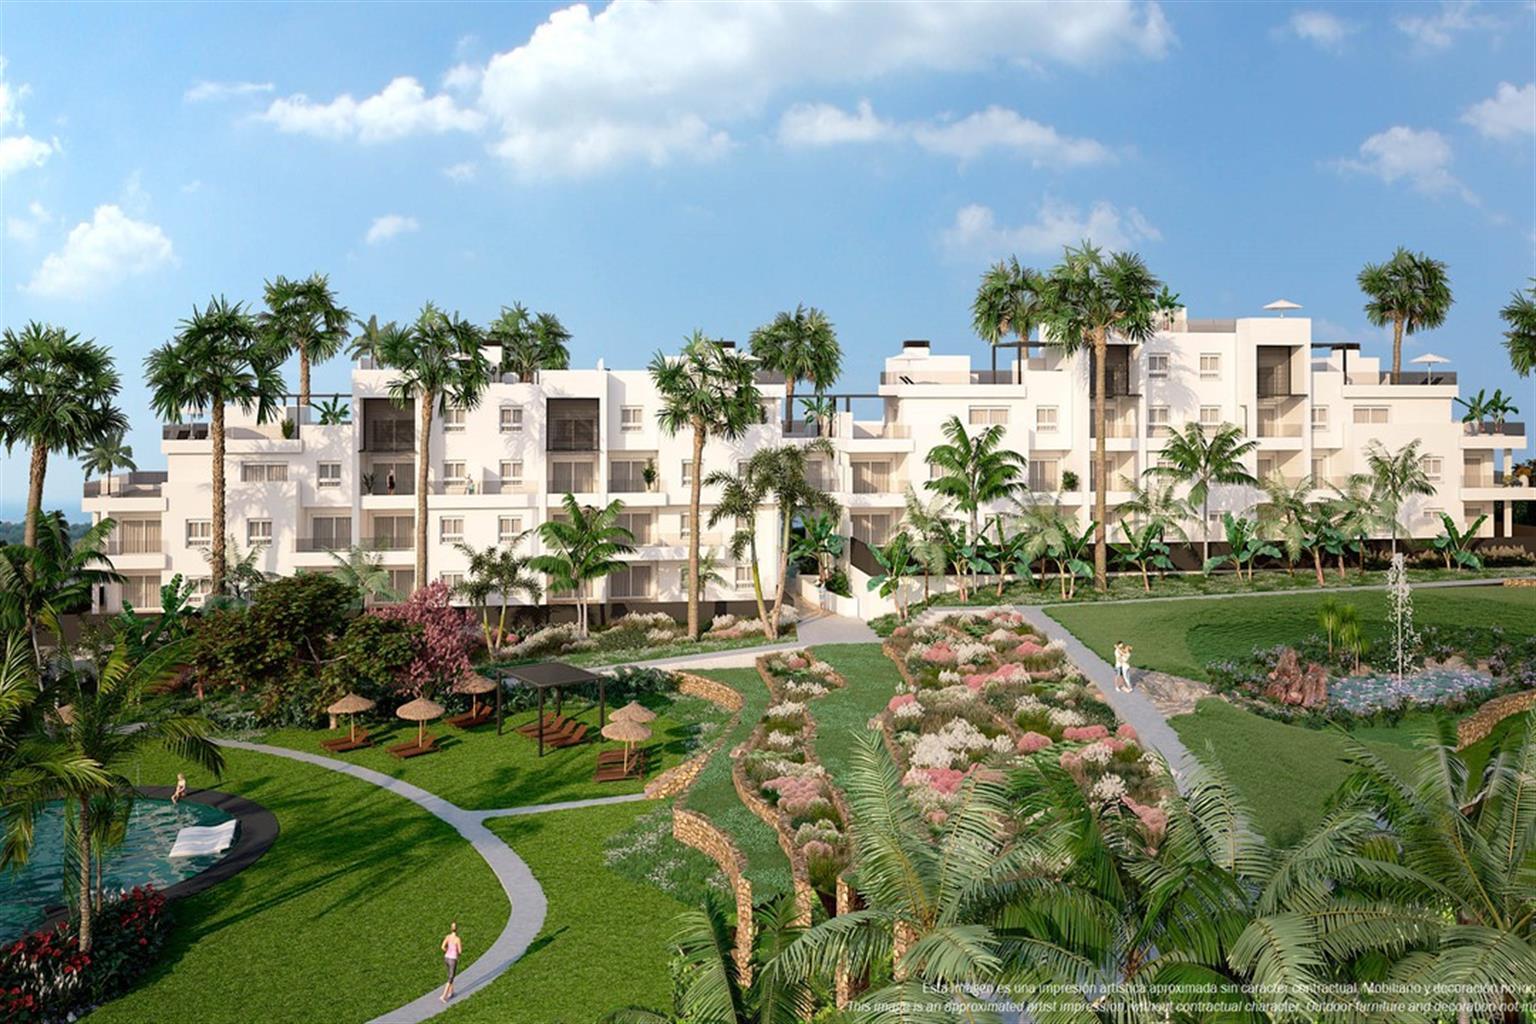 Appartement - Punta prima  - #4230209-36